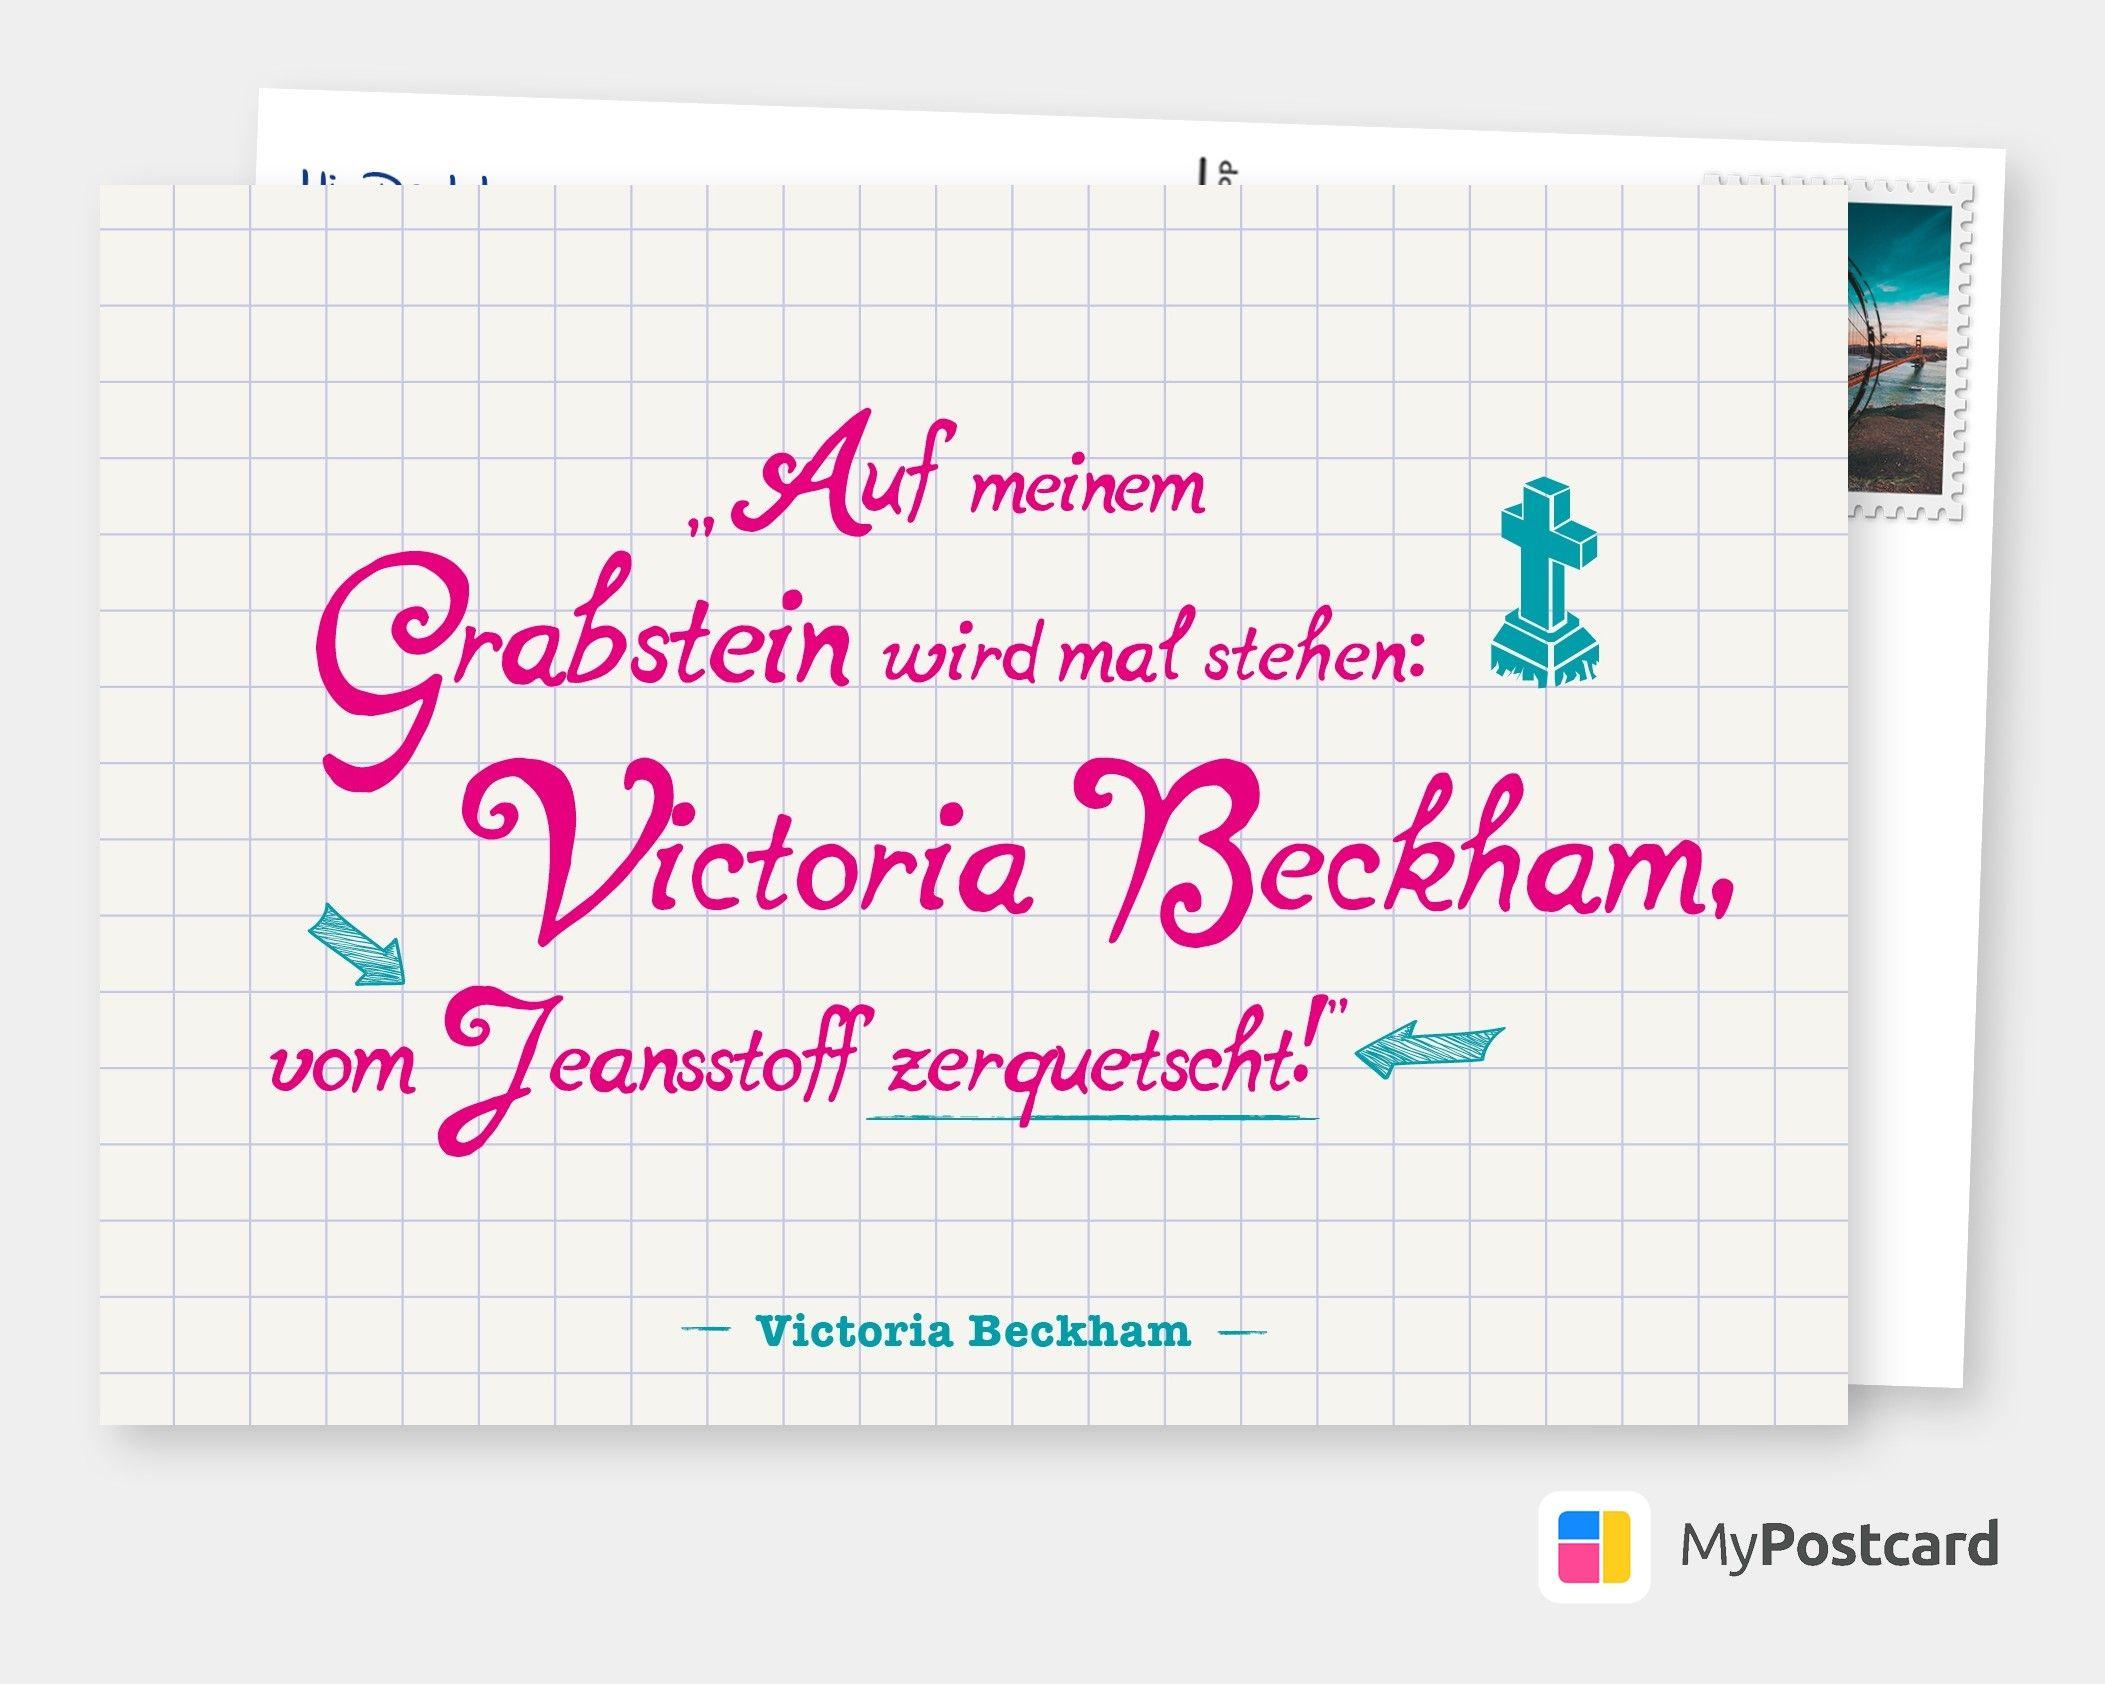 Vom Jeansstoff Zerquetscht Witzige Karten Spruche Echte Postkarten Online Versenden Lustige Grusskarten Karten Spruche Lustige Postkarten